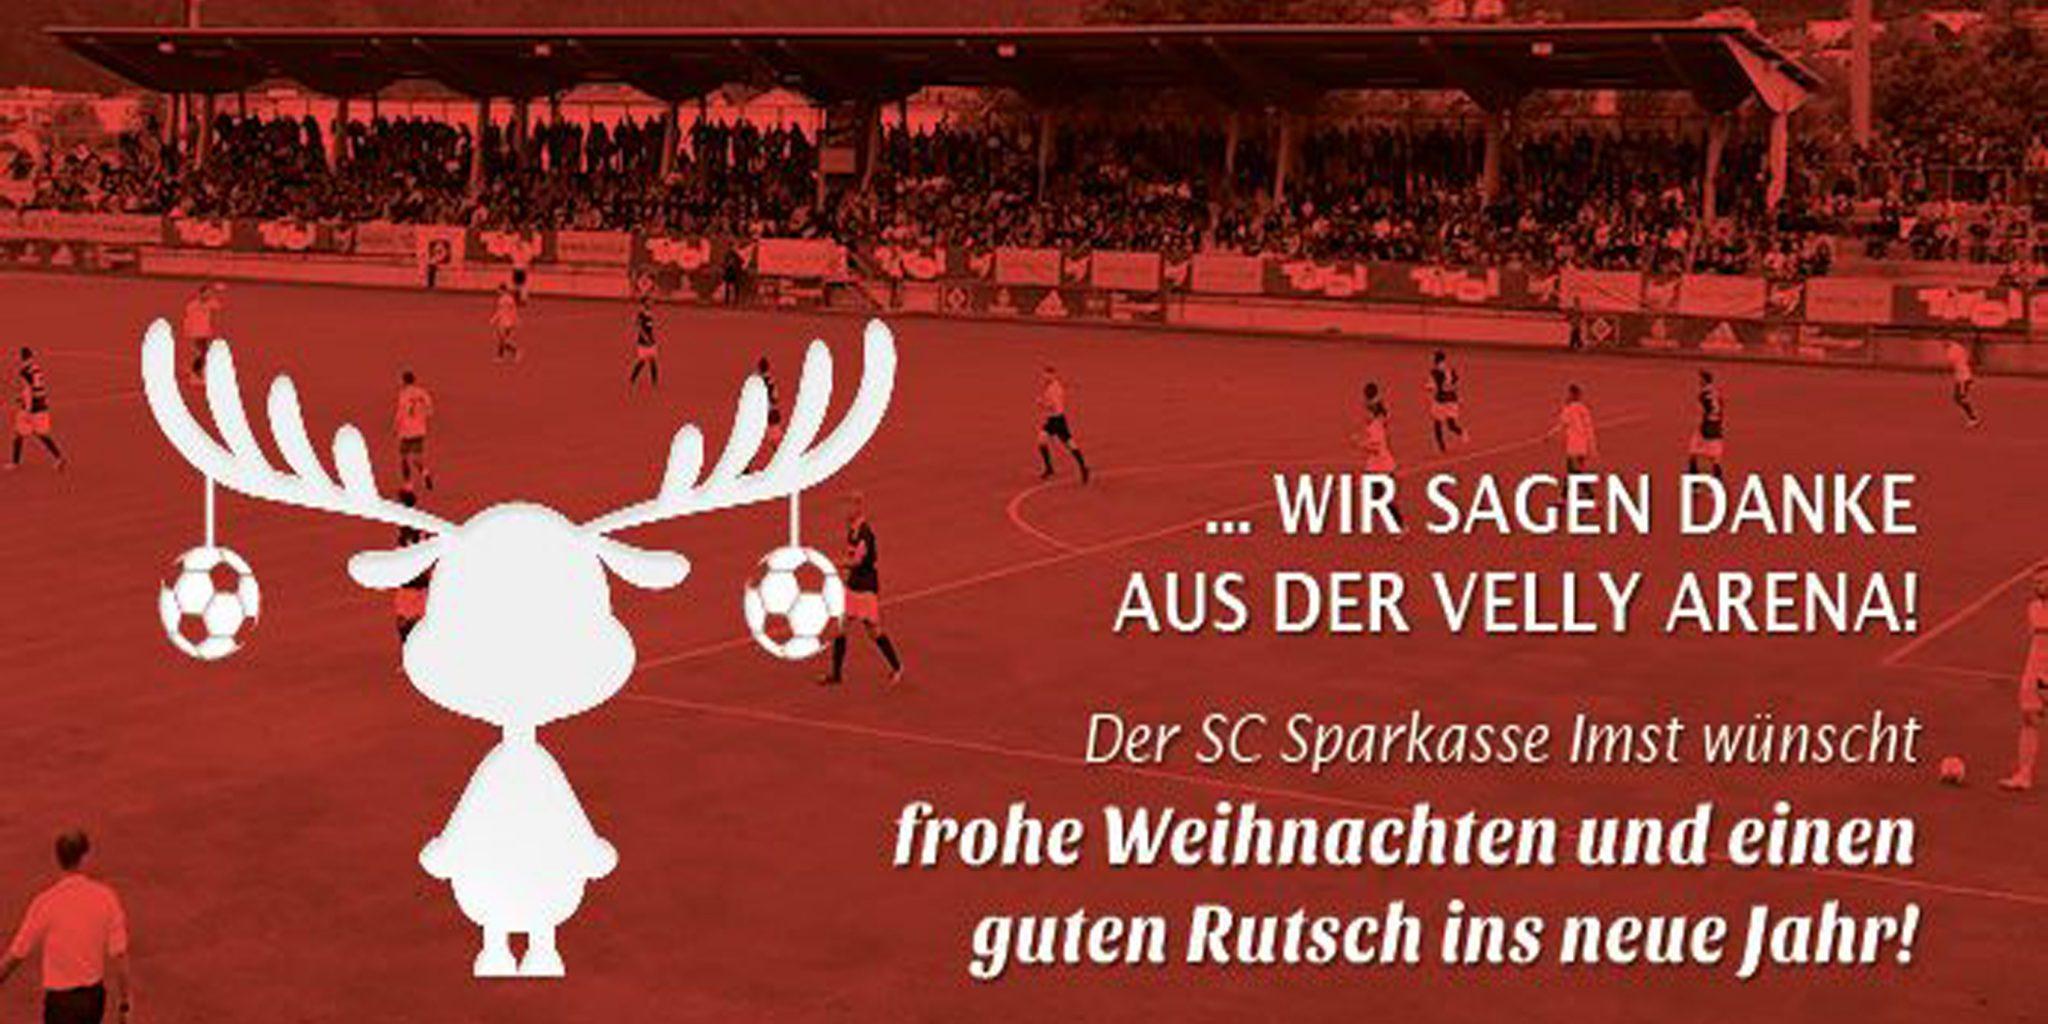 Wir sagen Danke aus der Velly Arena Imst Tirol! Frohe Weihnachten und guten Rutsch ins Jahr 2020!